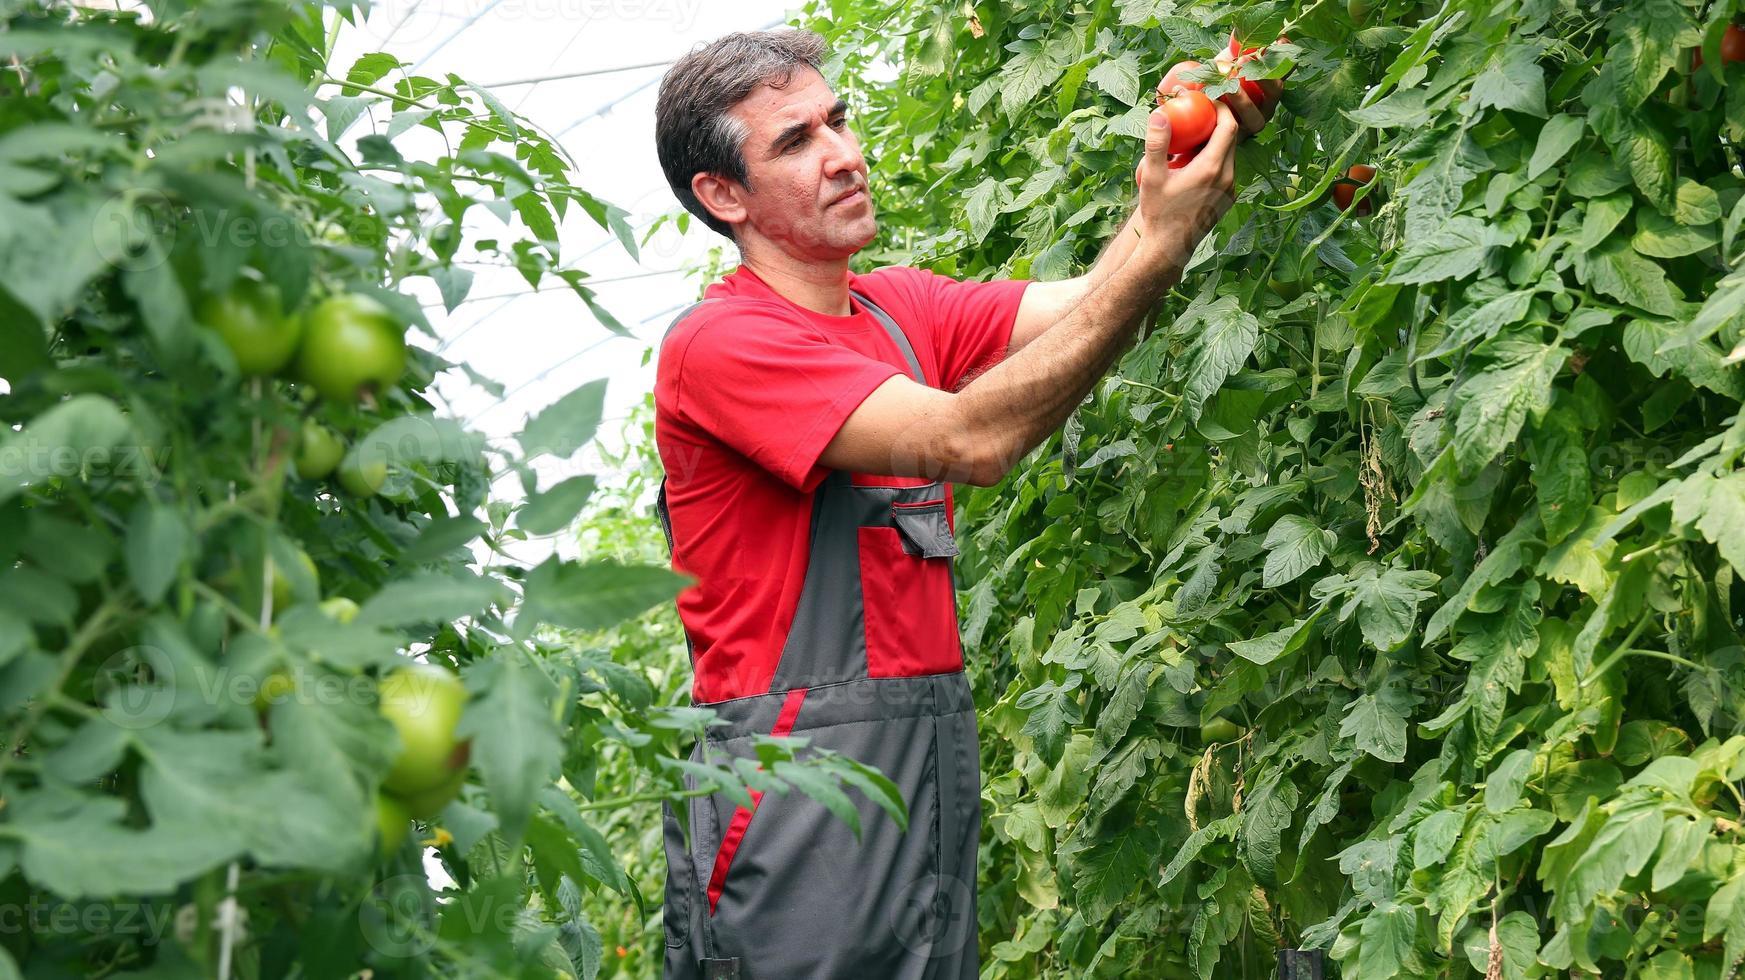 agricoltore biologico raccolta pomodori foto